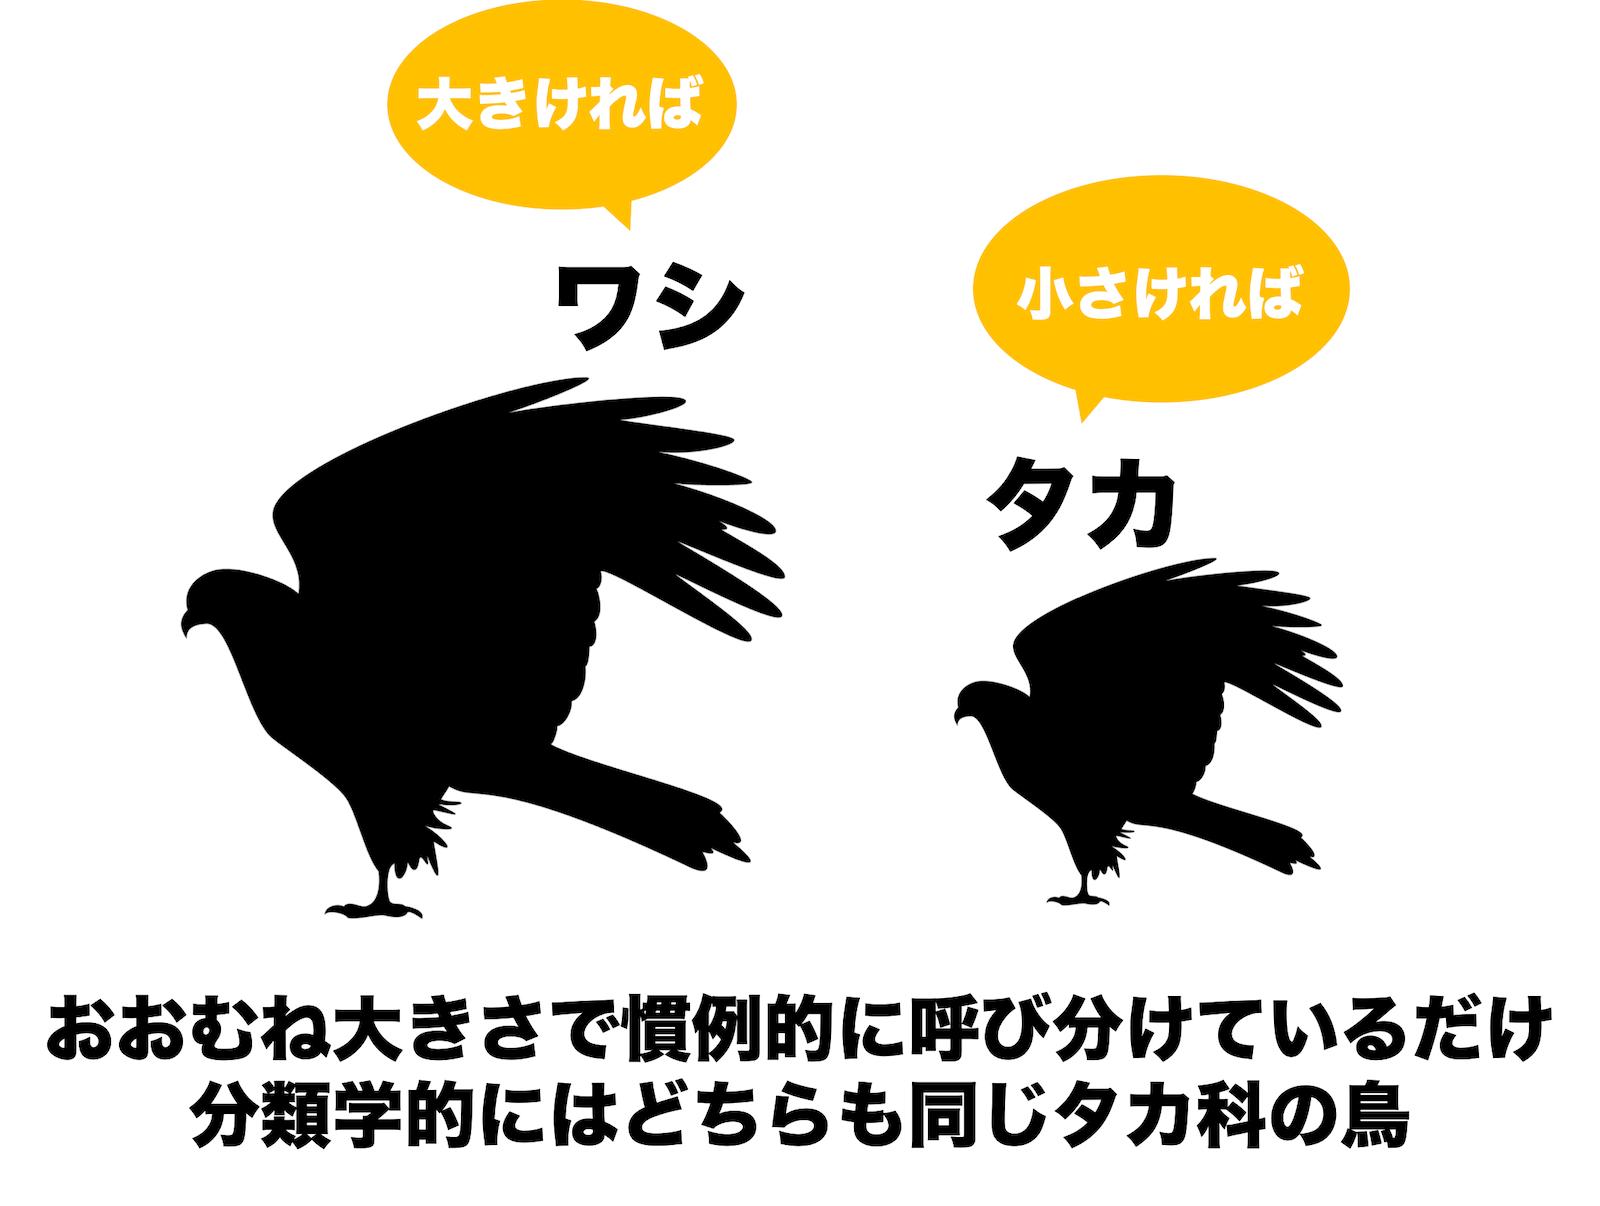 鷹と鷲の違い